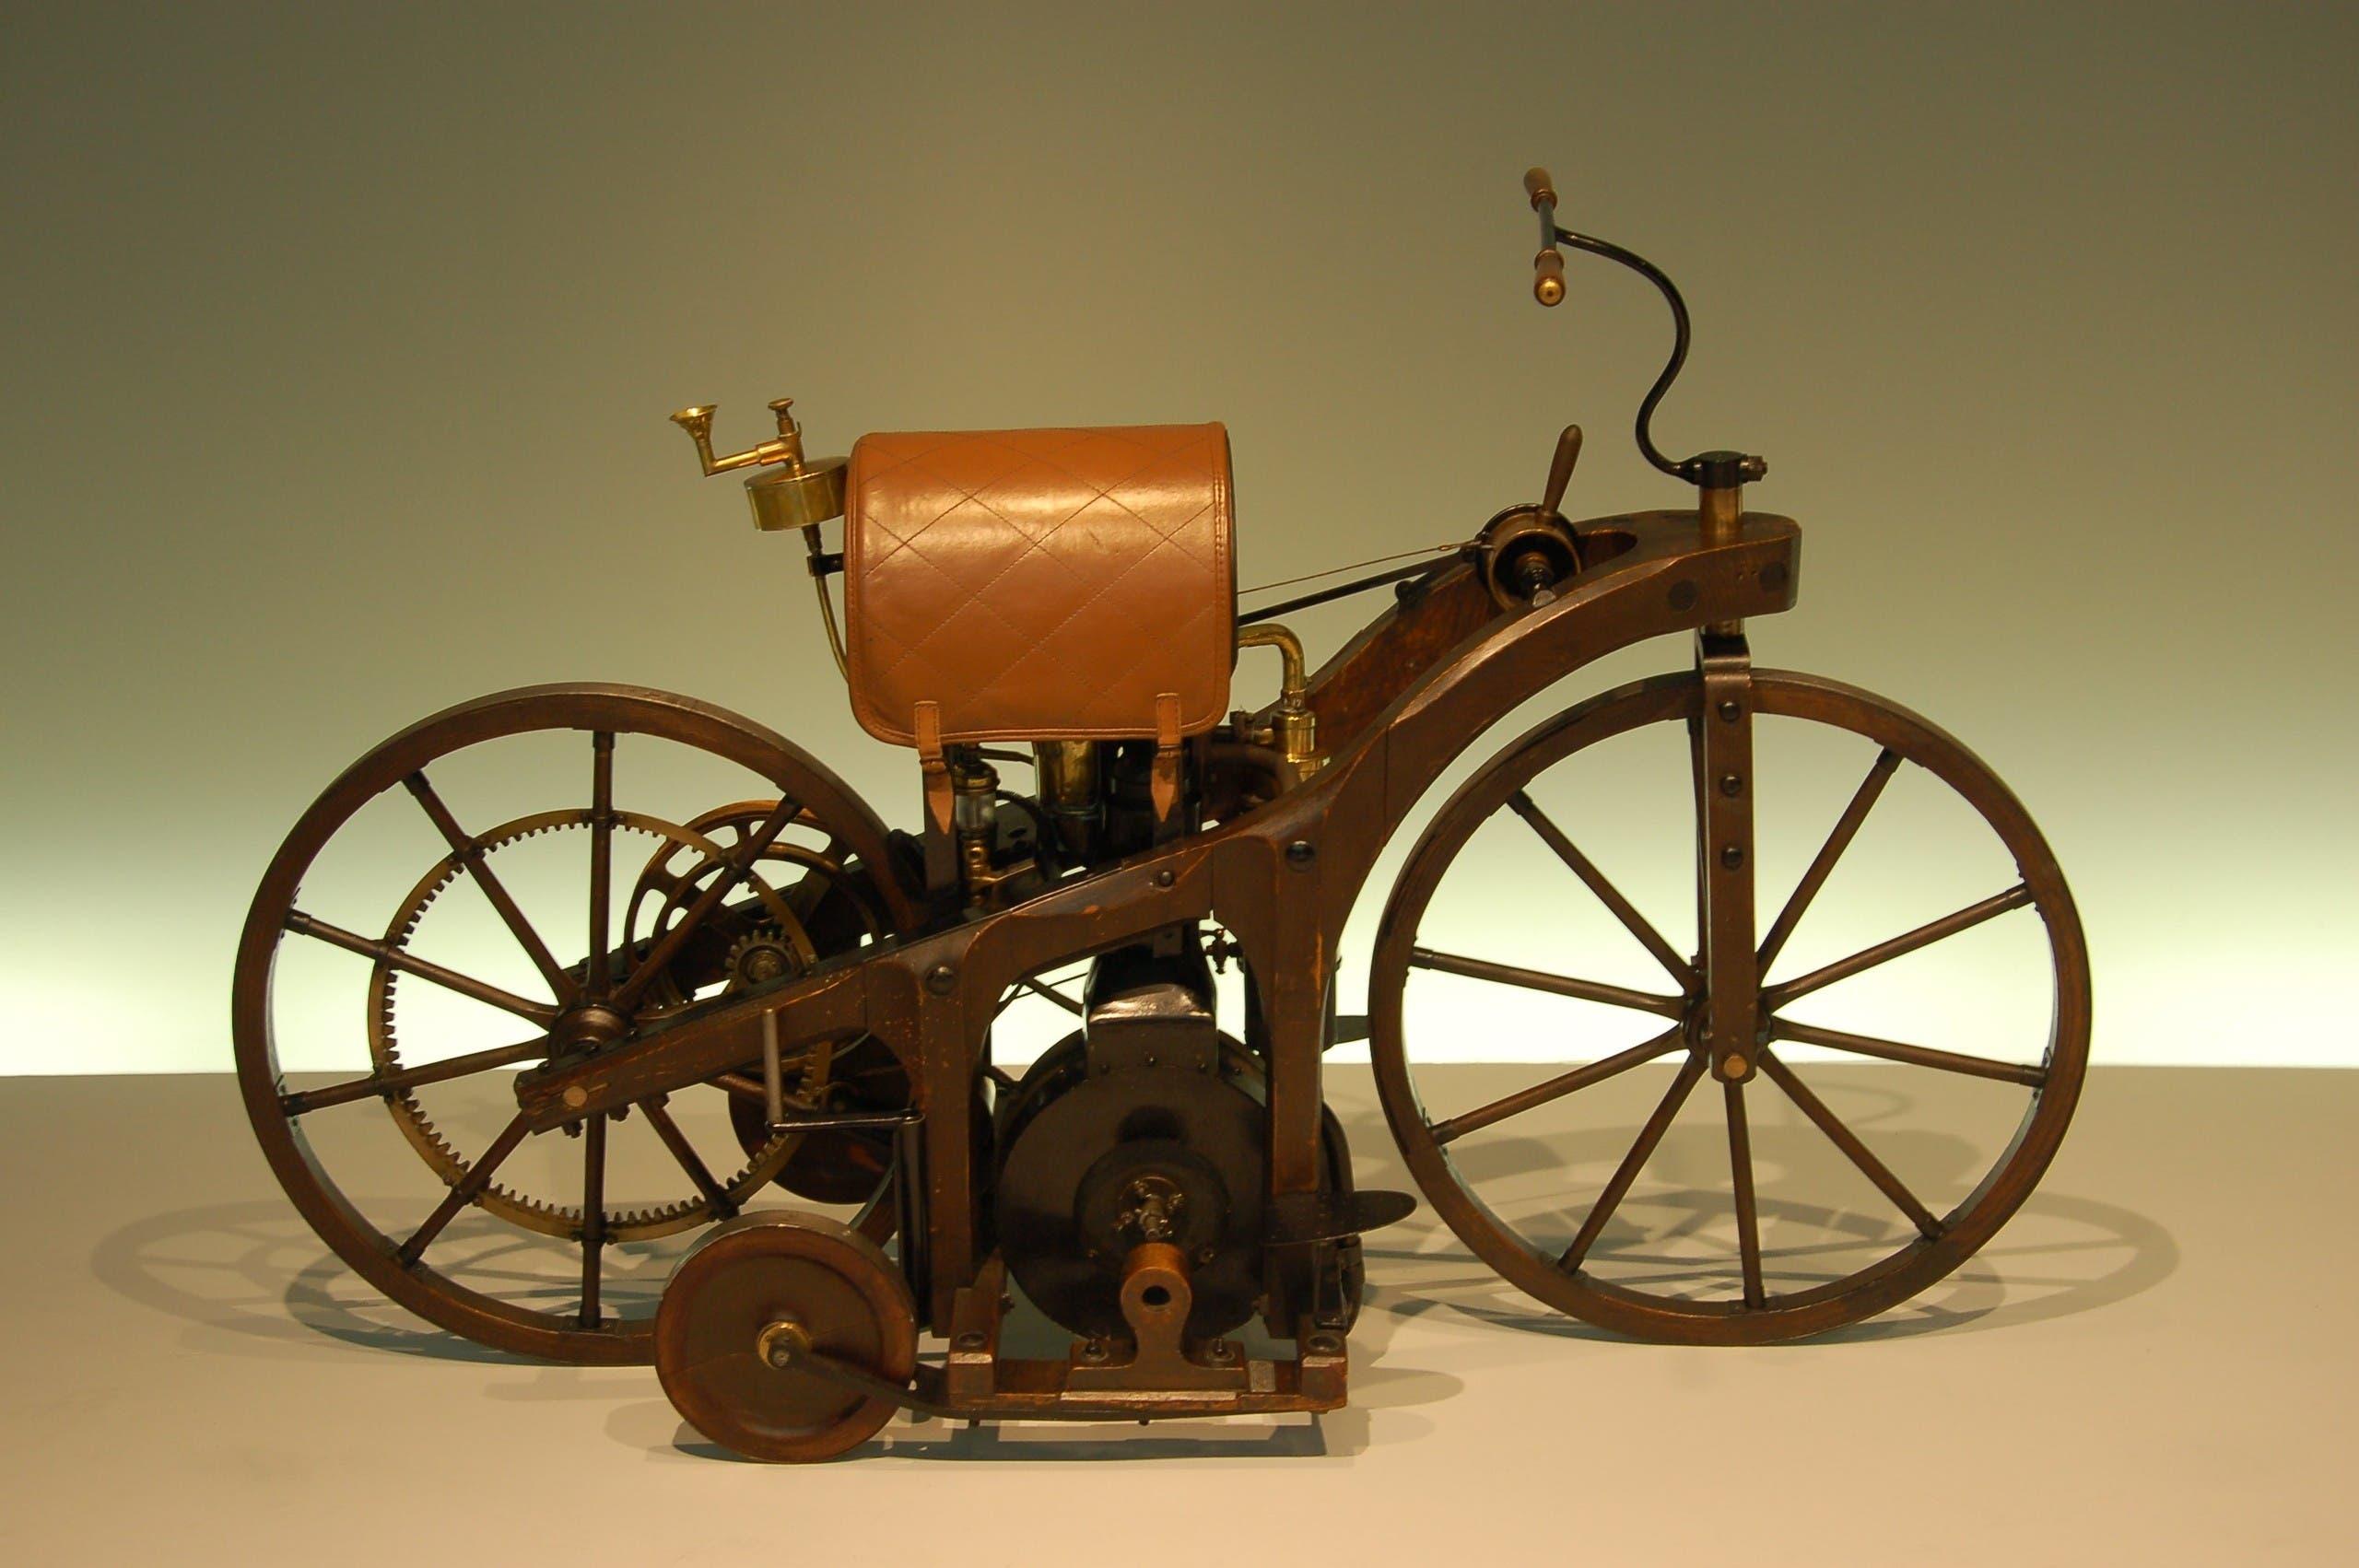 صورة فوتوغرافية معاصرة لنسخة من الدراجة النارية Daimler Reitwagen